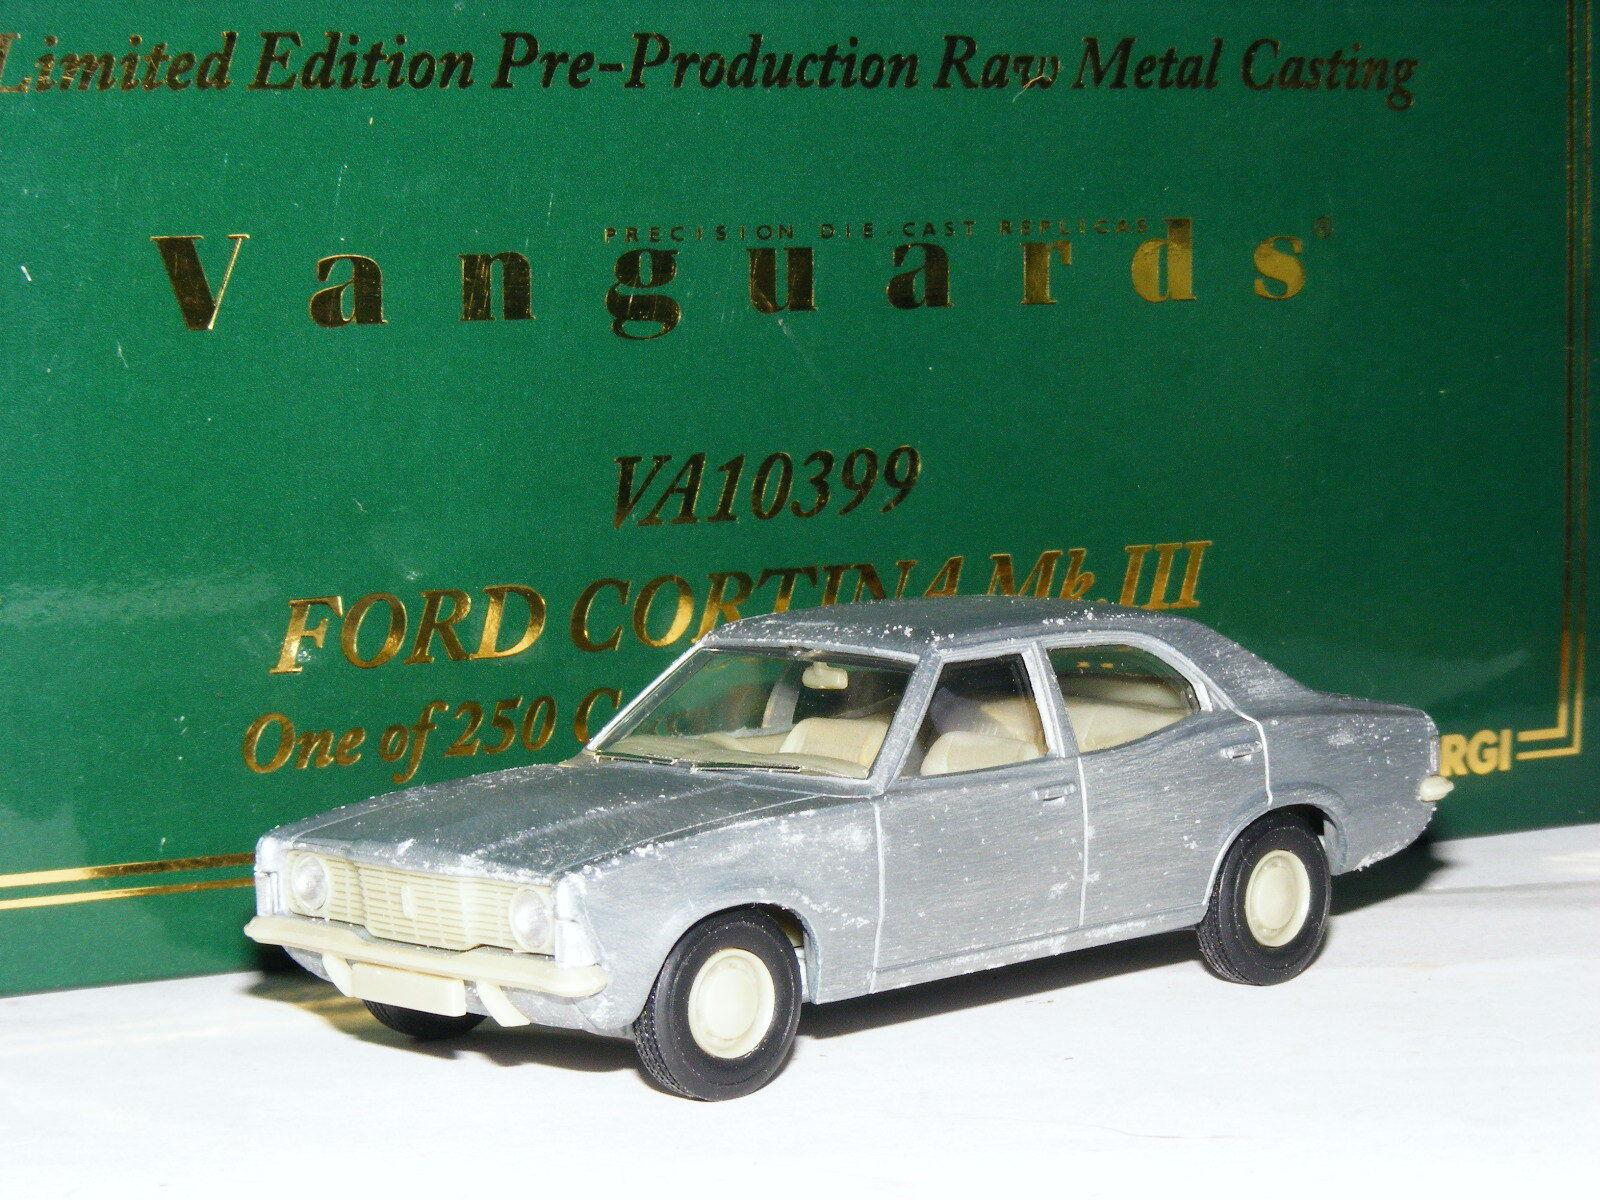 Vanguards VA10399  Ford Cortina MkIII Pre-Production Raw Metal Cast LTD ED 1 43  nous prenons les clients comme notre dieu